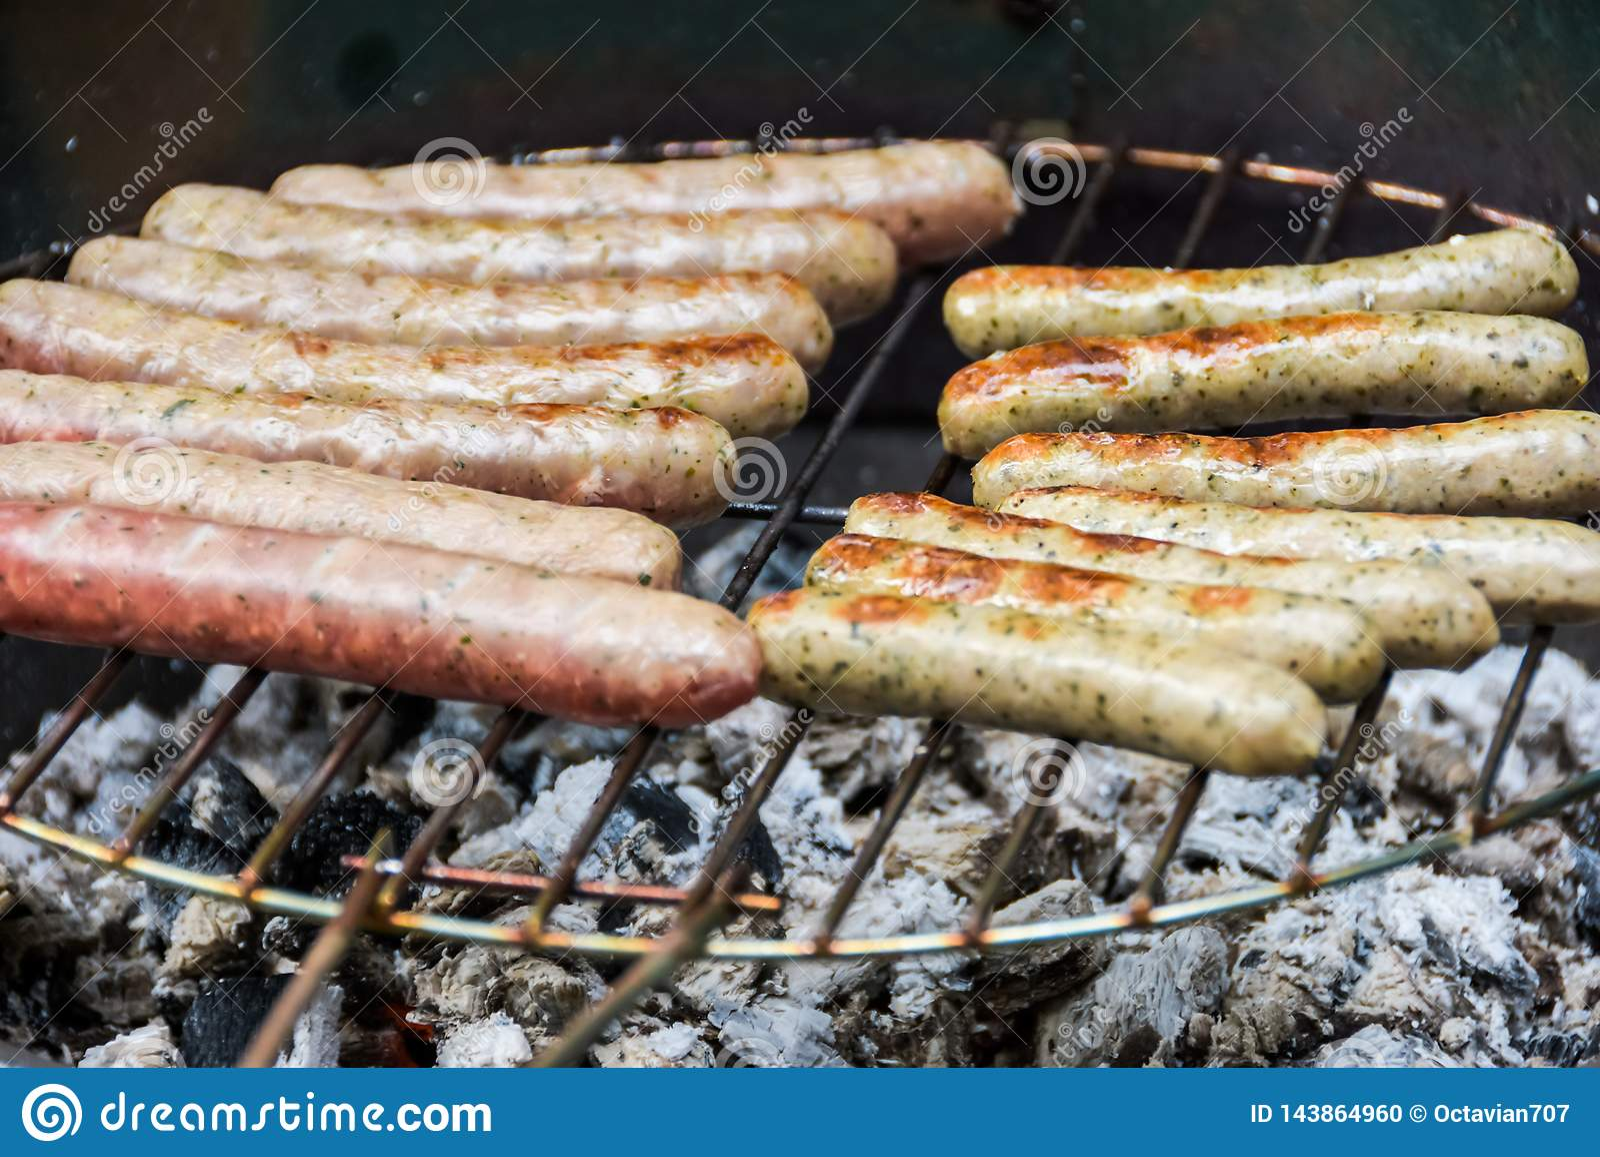 Salsiccie saporite multiple sulla griglia nella fine su